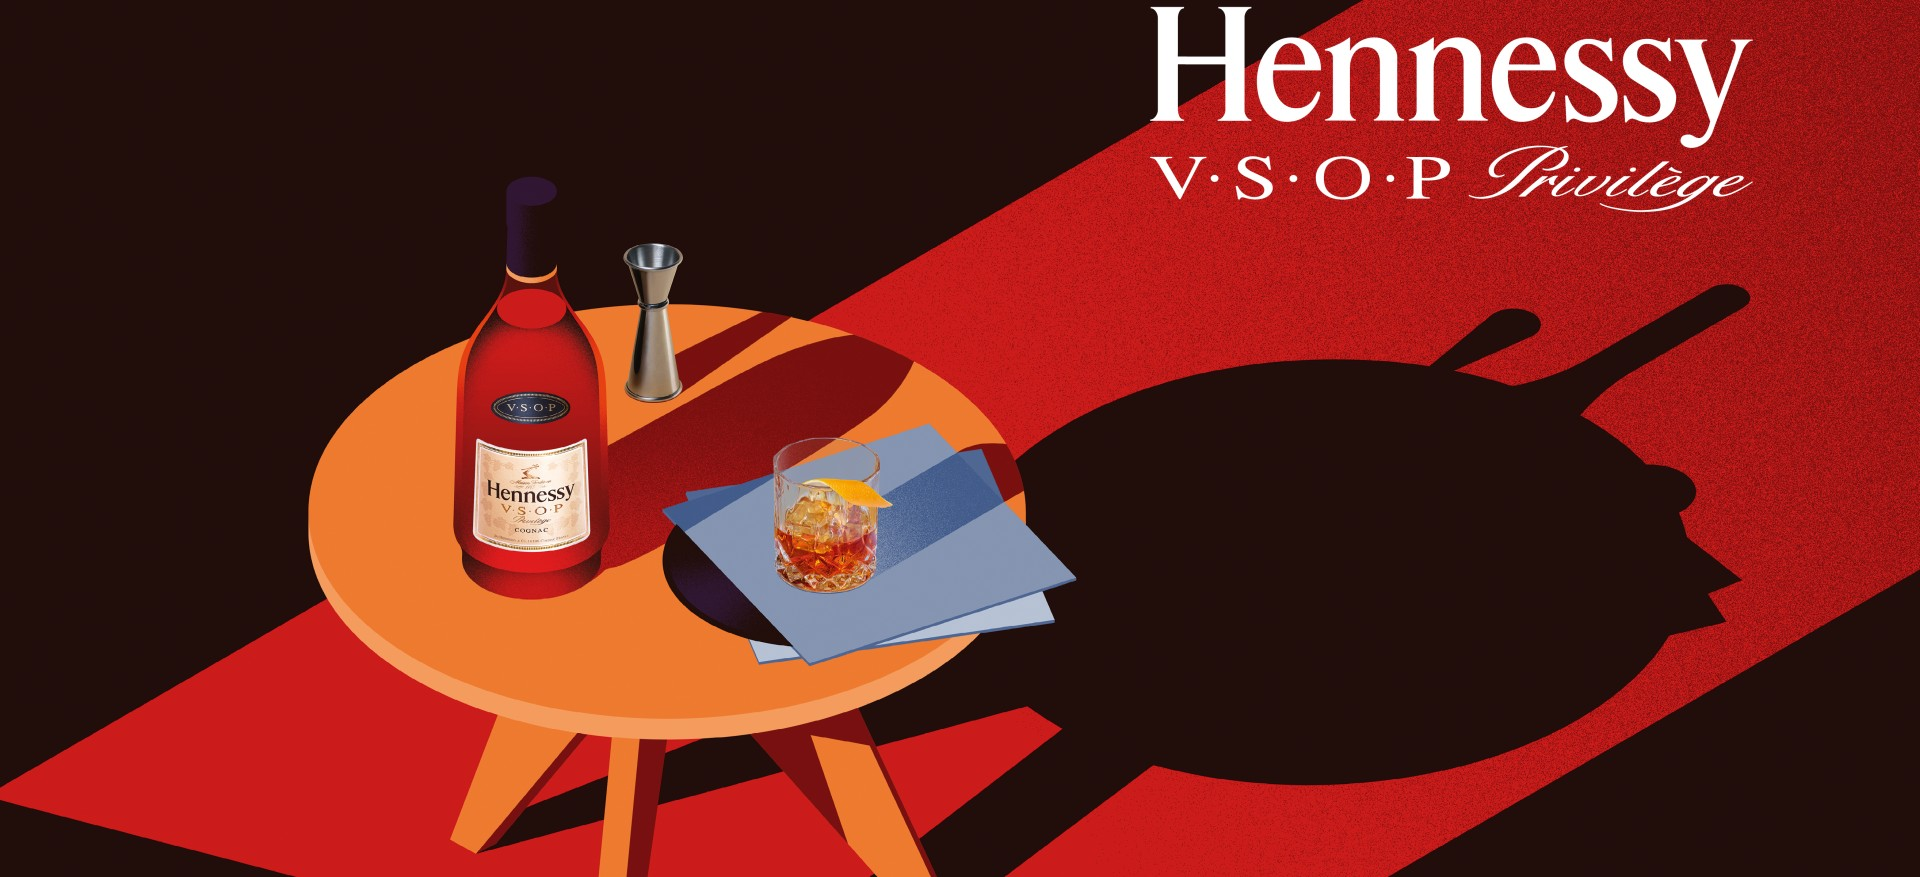 軒尼詩12月2日起隆重獻賣V.S.O.P經典調酒禮盒與2020年度春節限量版禮盒